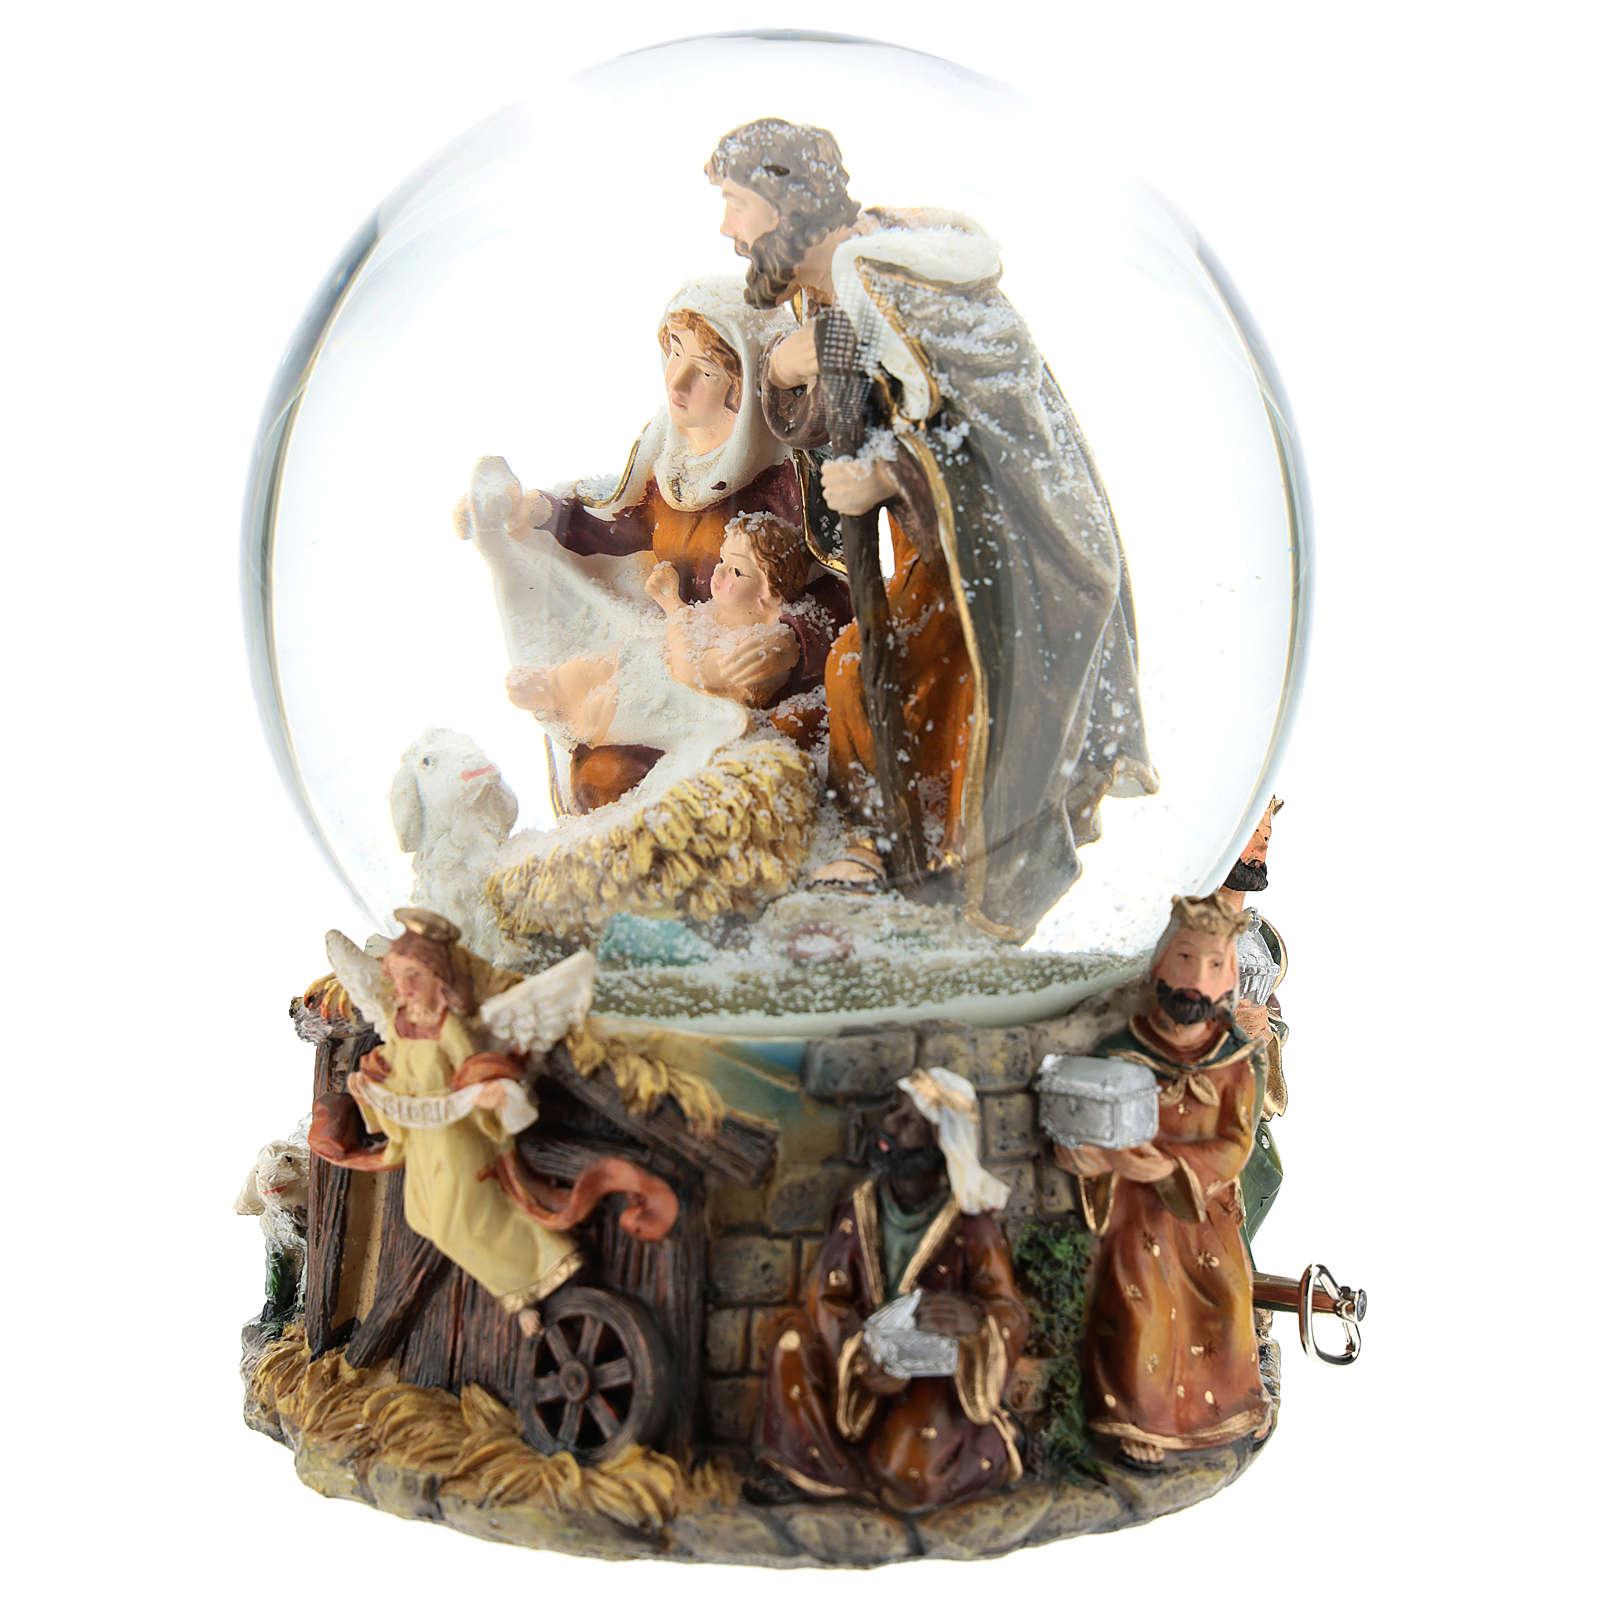 Schneekugel mit Heiliger Familie und Spieldose, 20 cm hoch 3